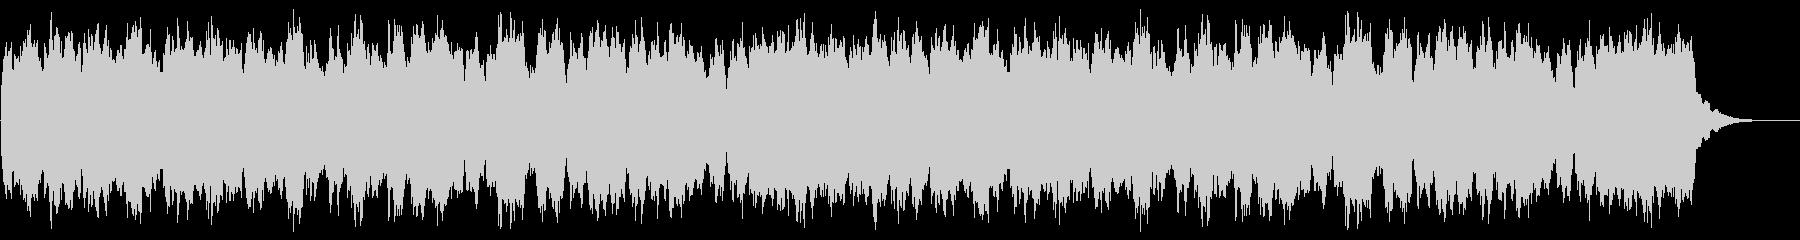 定番クリスマスキャロルのオルガンソロの未再生の波形